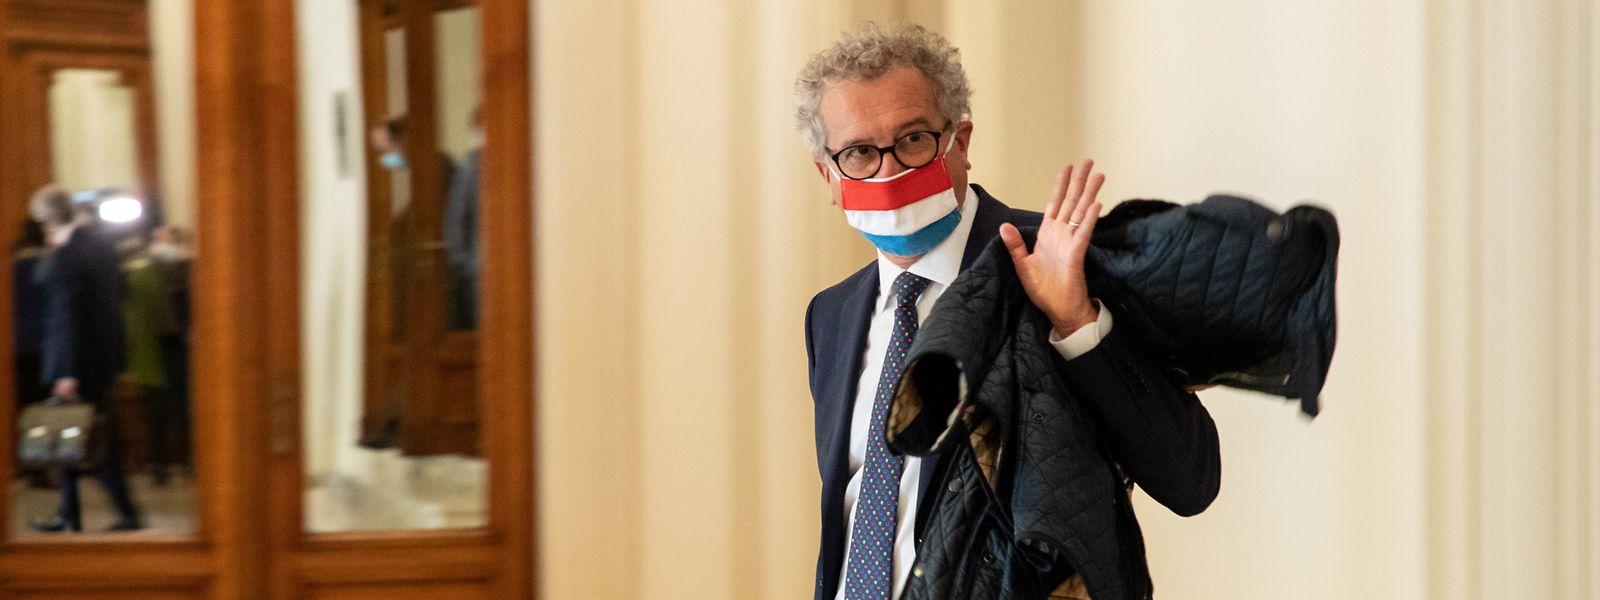 La semaine dernière, le ministre des Finances a proposé un budget pour 2021 à hauteur de 21,7 milliards d'euros.Non sans quelques incertitudes...